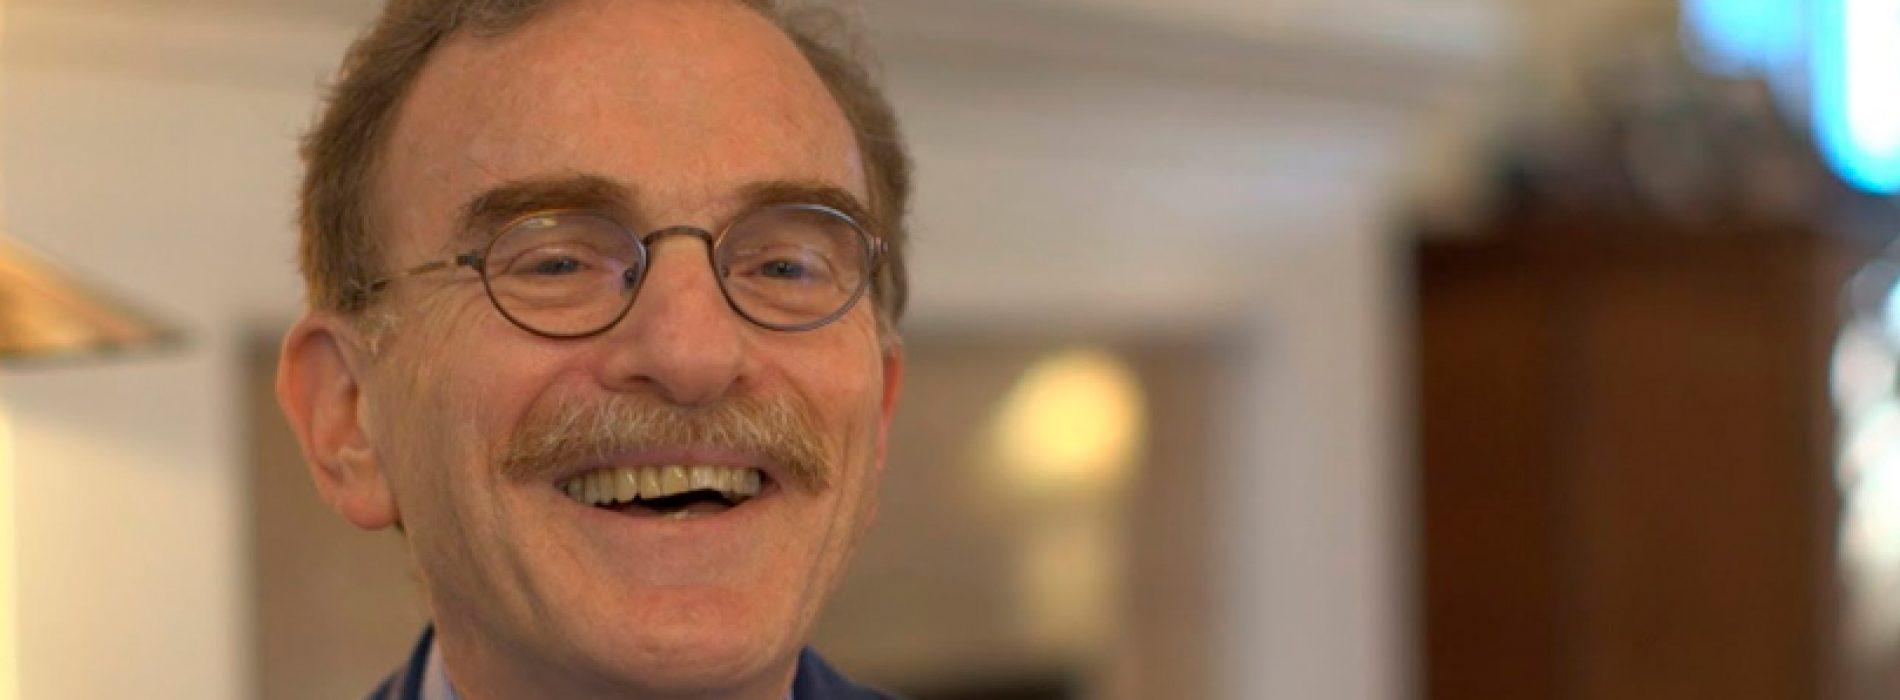 Randy Schekman, Premio Nobel de Fisiología-Medicina 2013, dictará charla en la U. de Chile